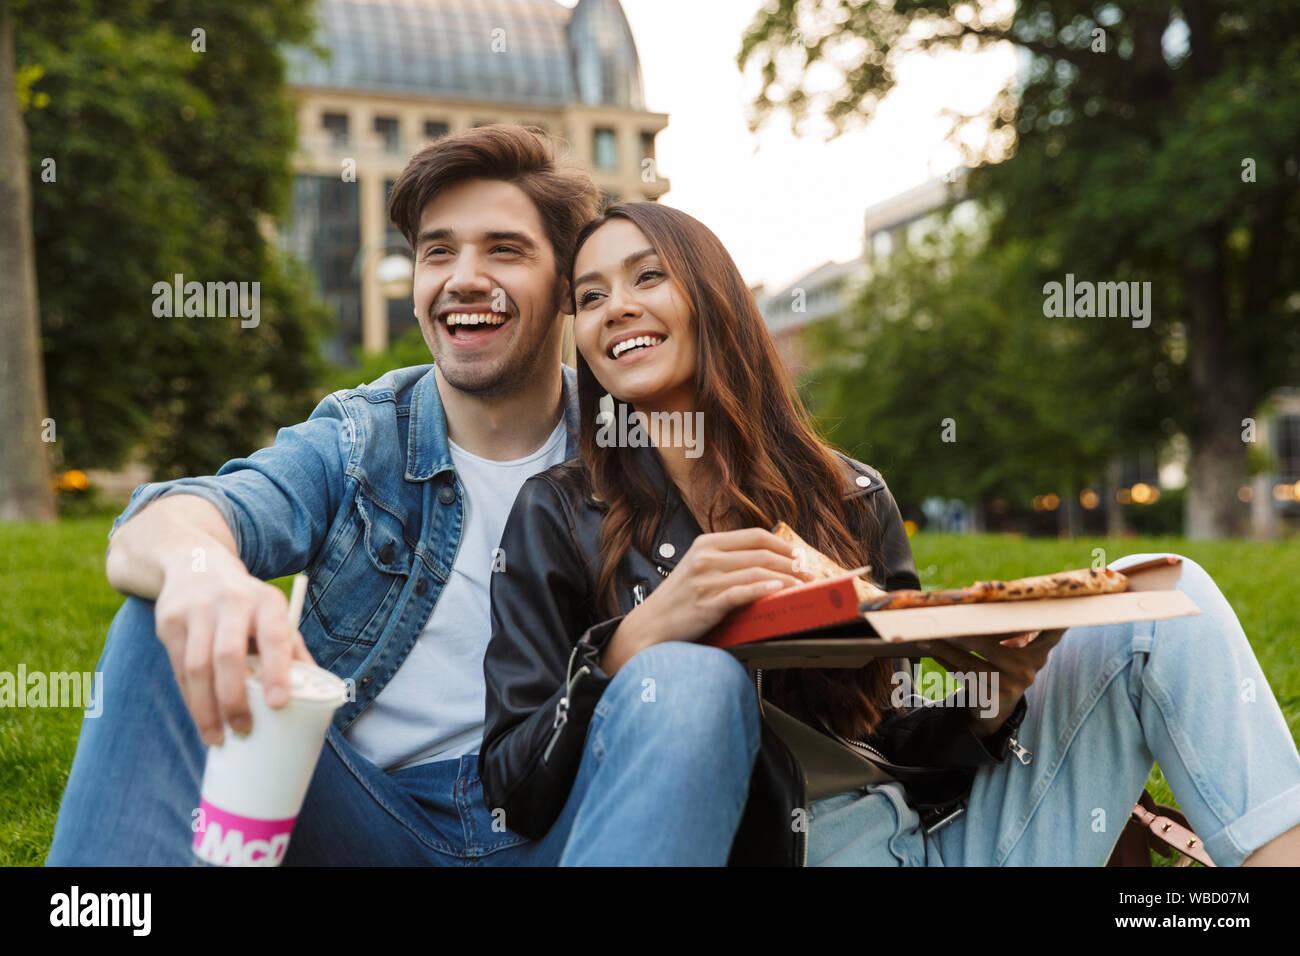 Foto von fröhlichen jungen Freunde Verliebten in der Natur sitzen Green Park im freien Pizza auf Picknick umarmen Essen. Stockfoto